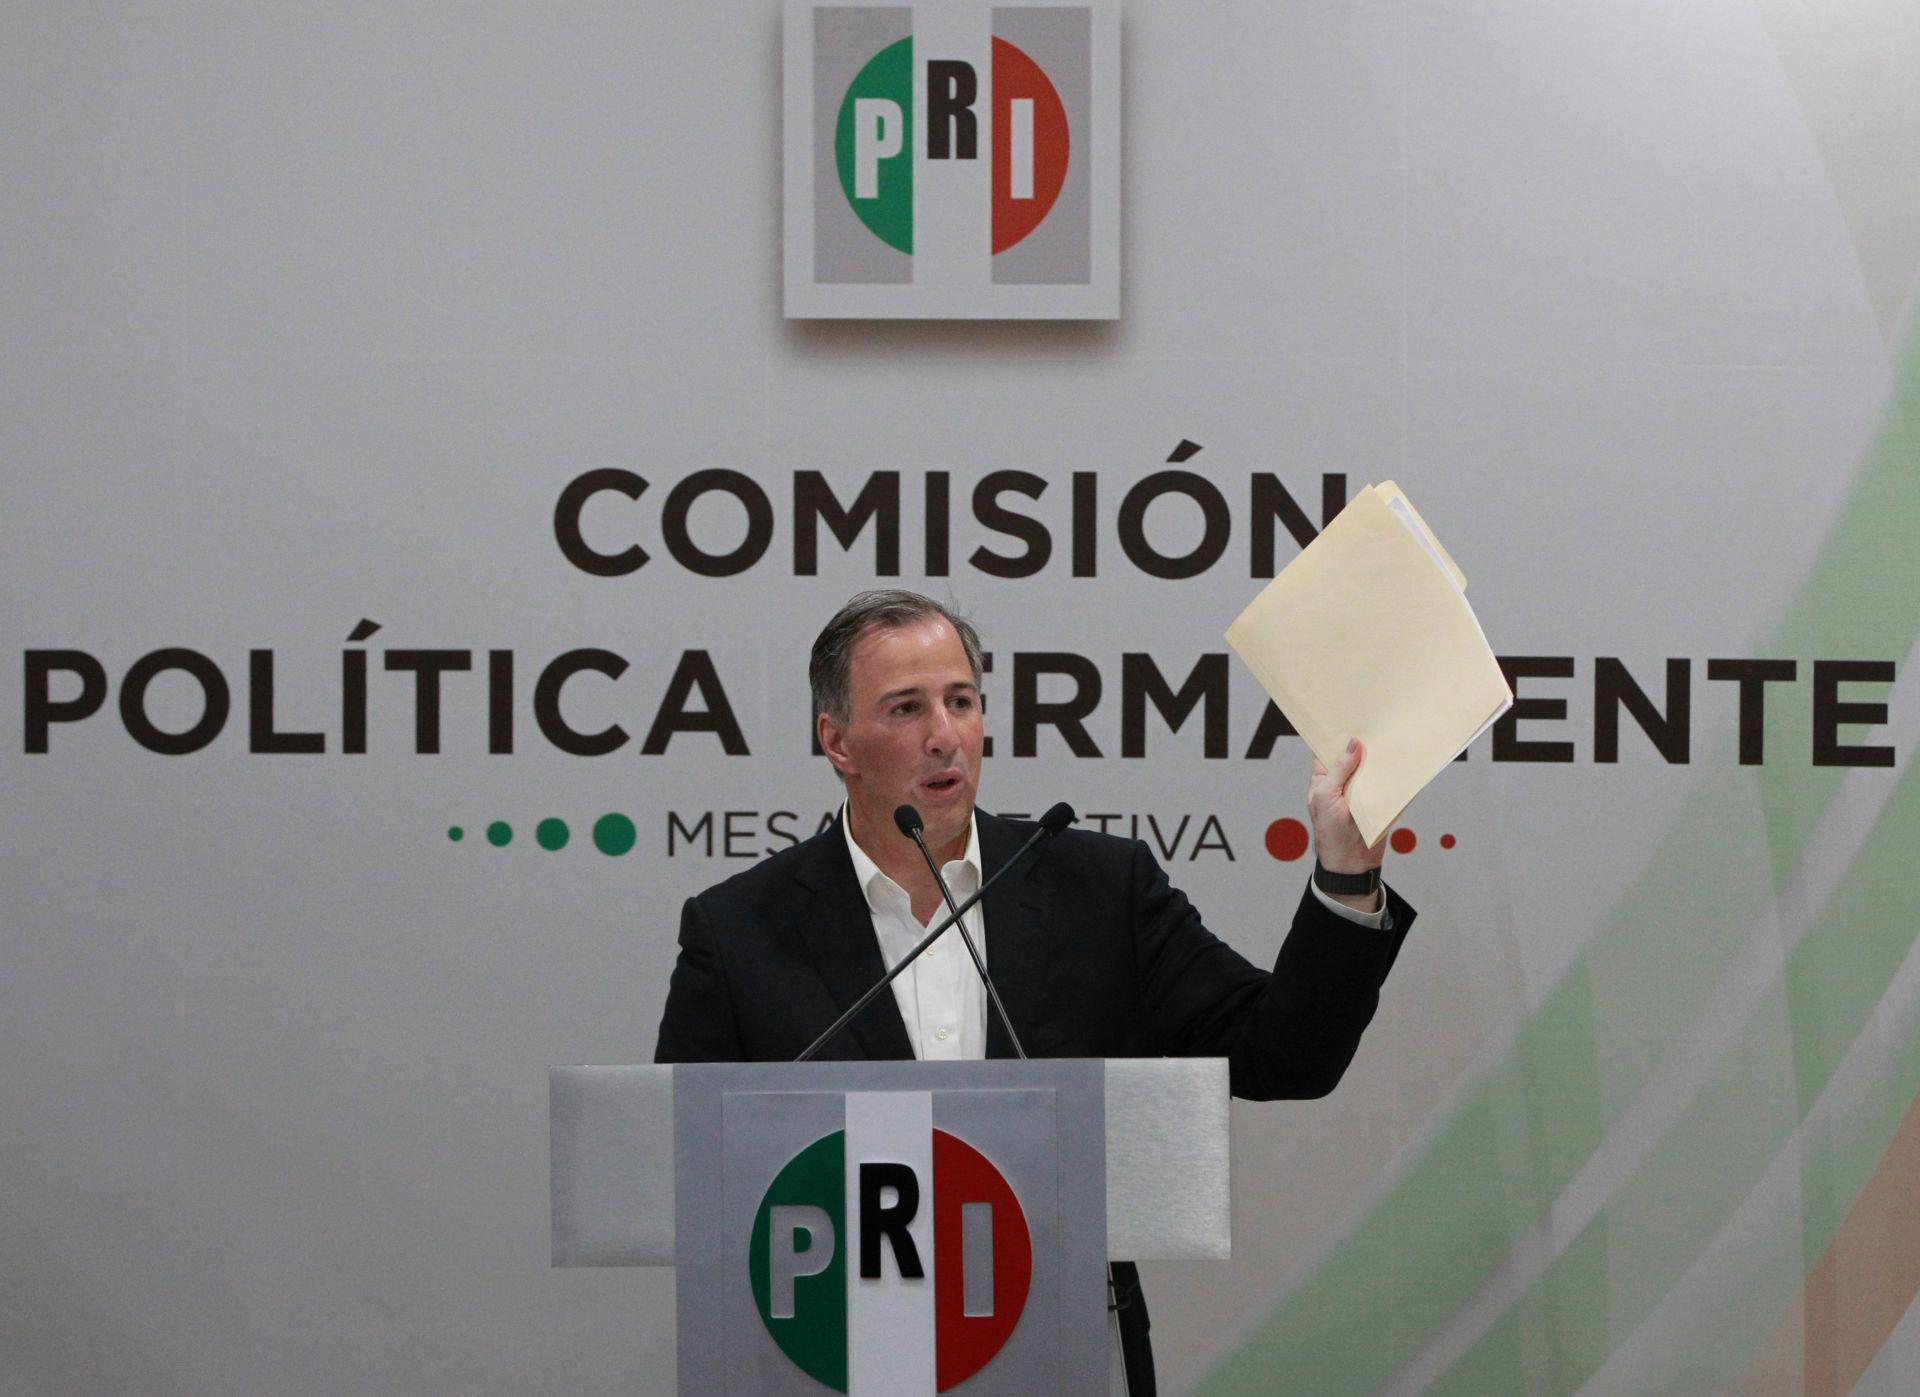 El PRI perfila en Meade candidato a Presidencia de México tras largos rumores